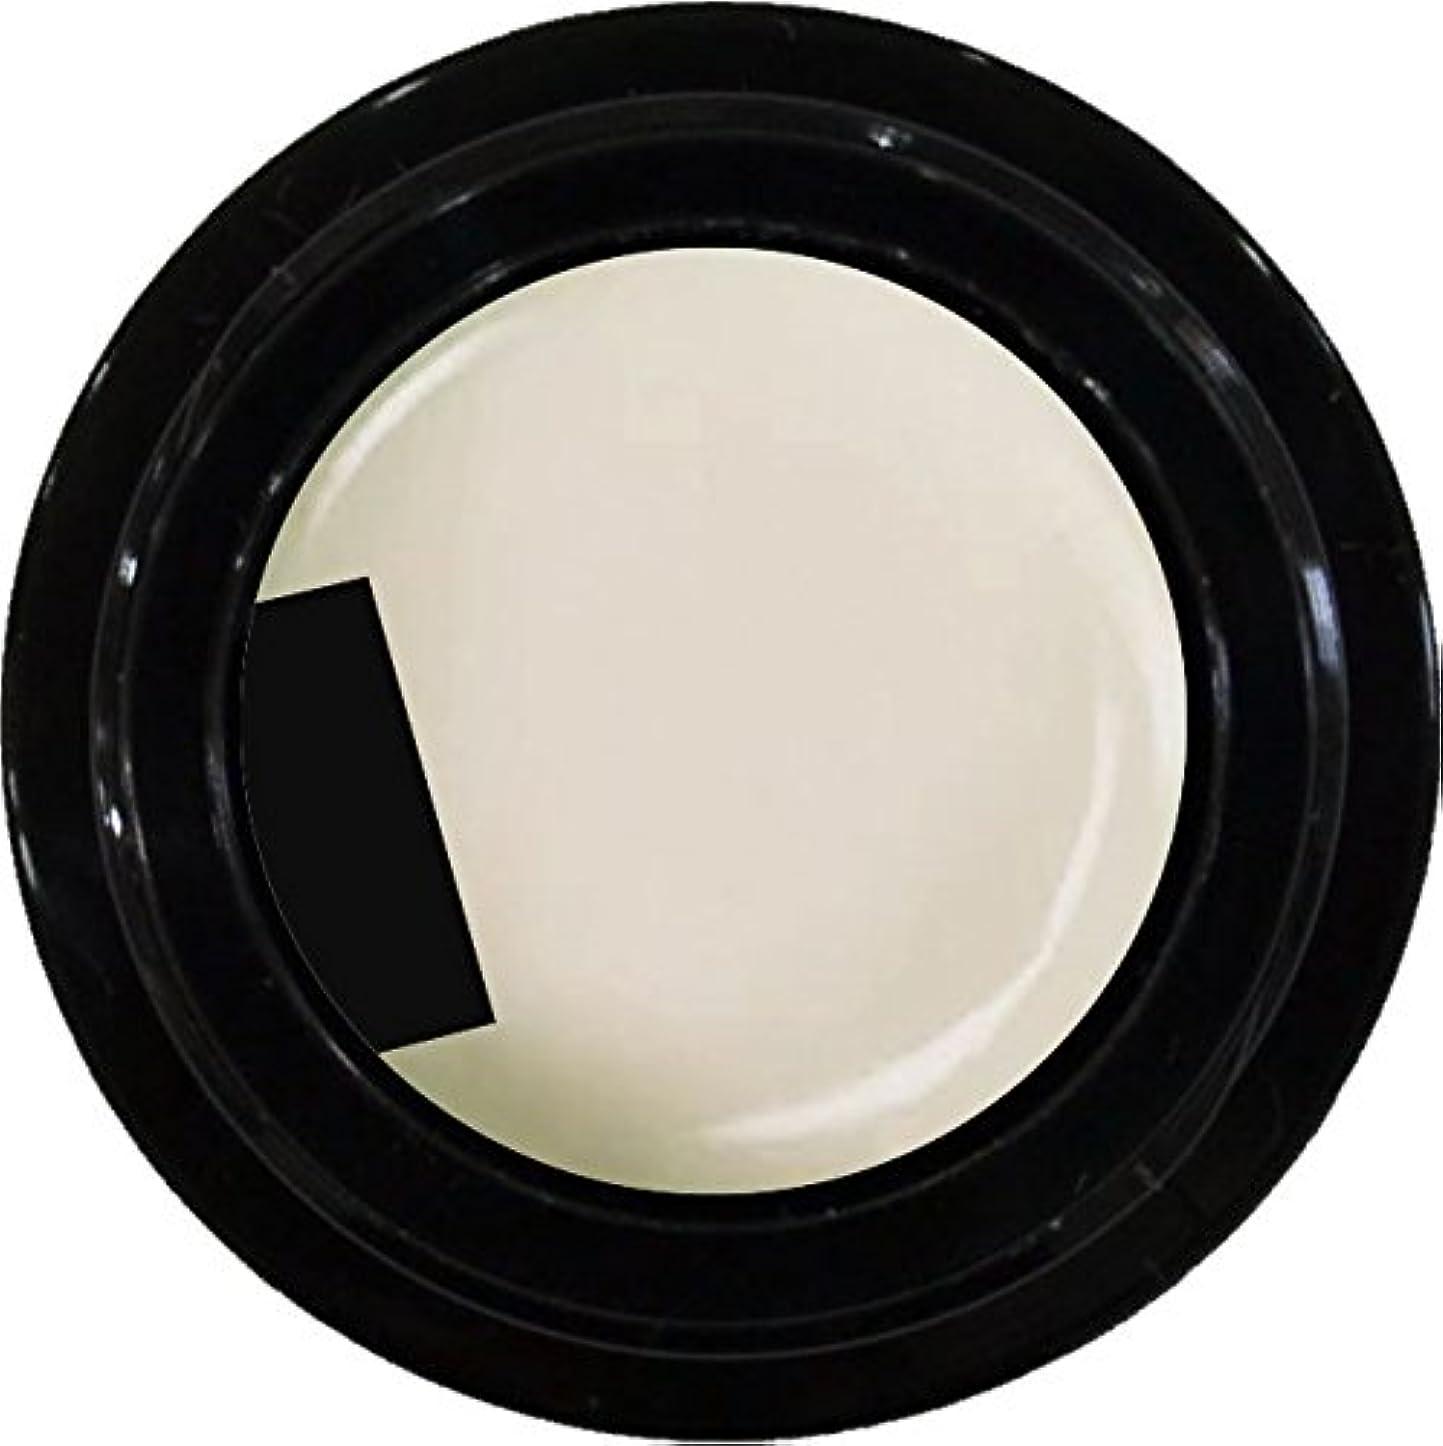 発火する定規十分カラージェル enchant color gel M006 MilkyWhite 3g/ マットカラージェル M006 ミルキーホワイト 3グラム